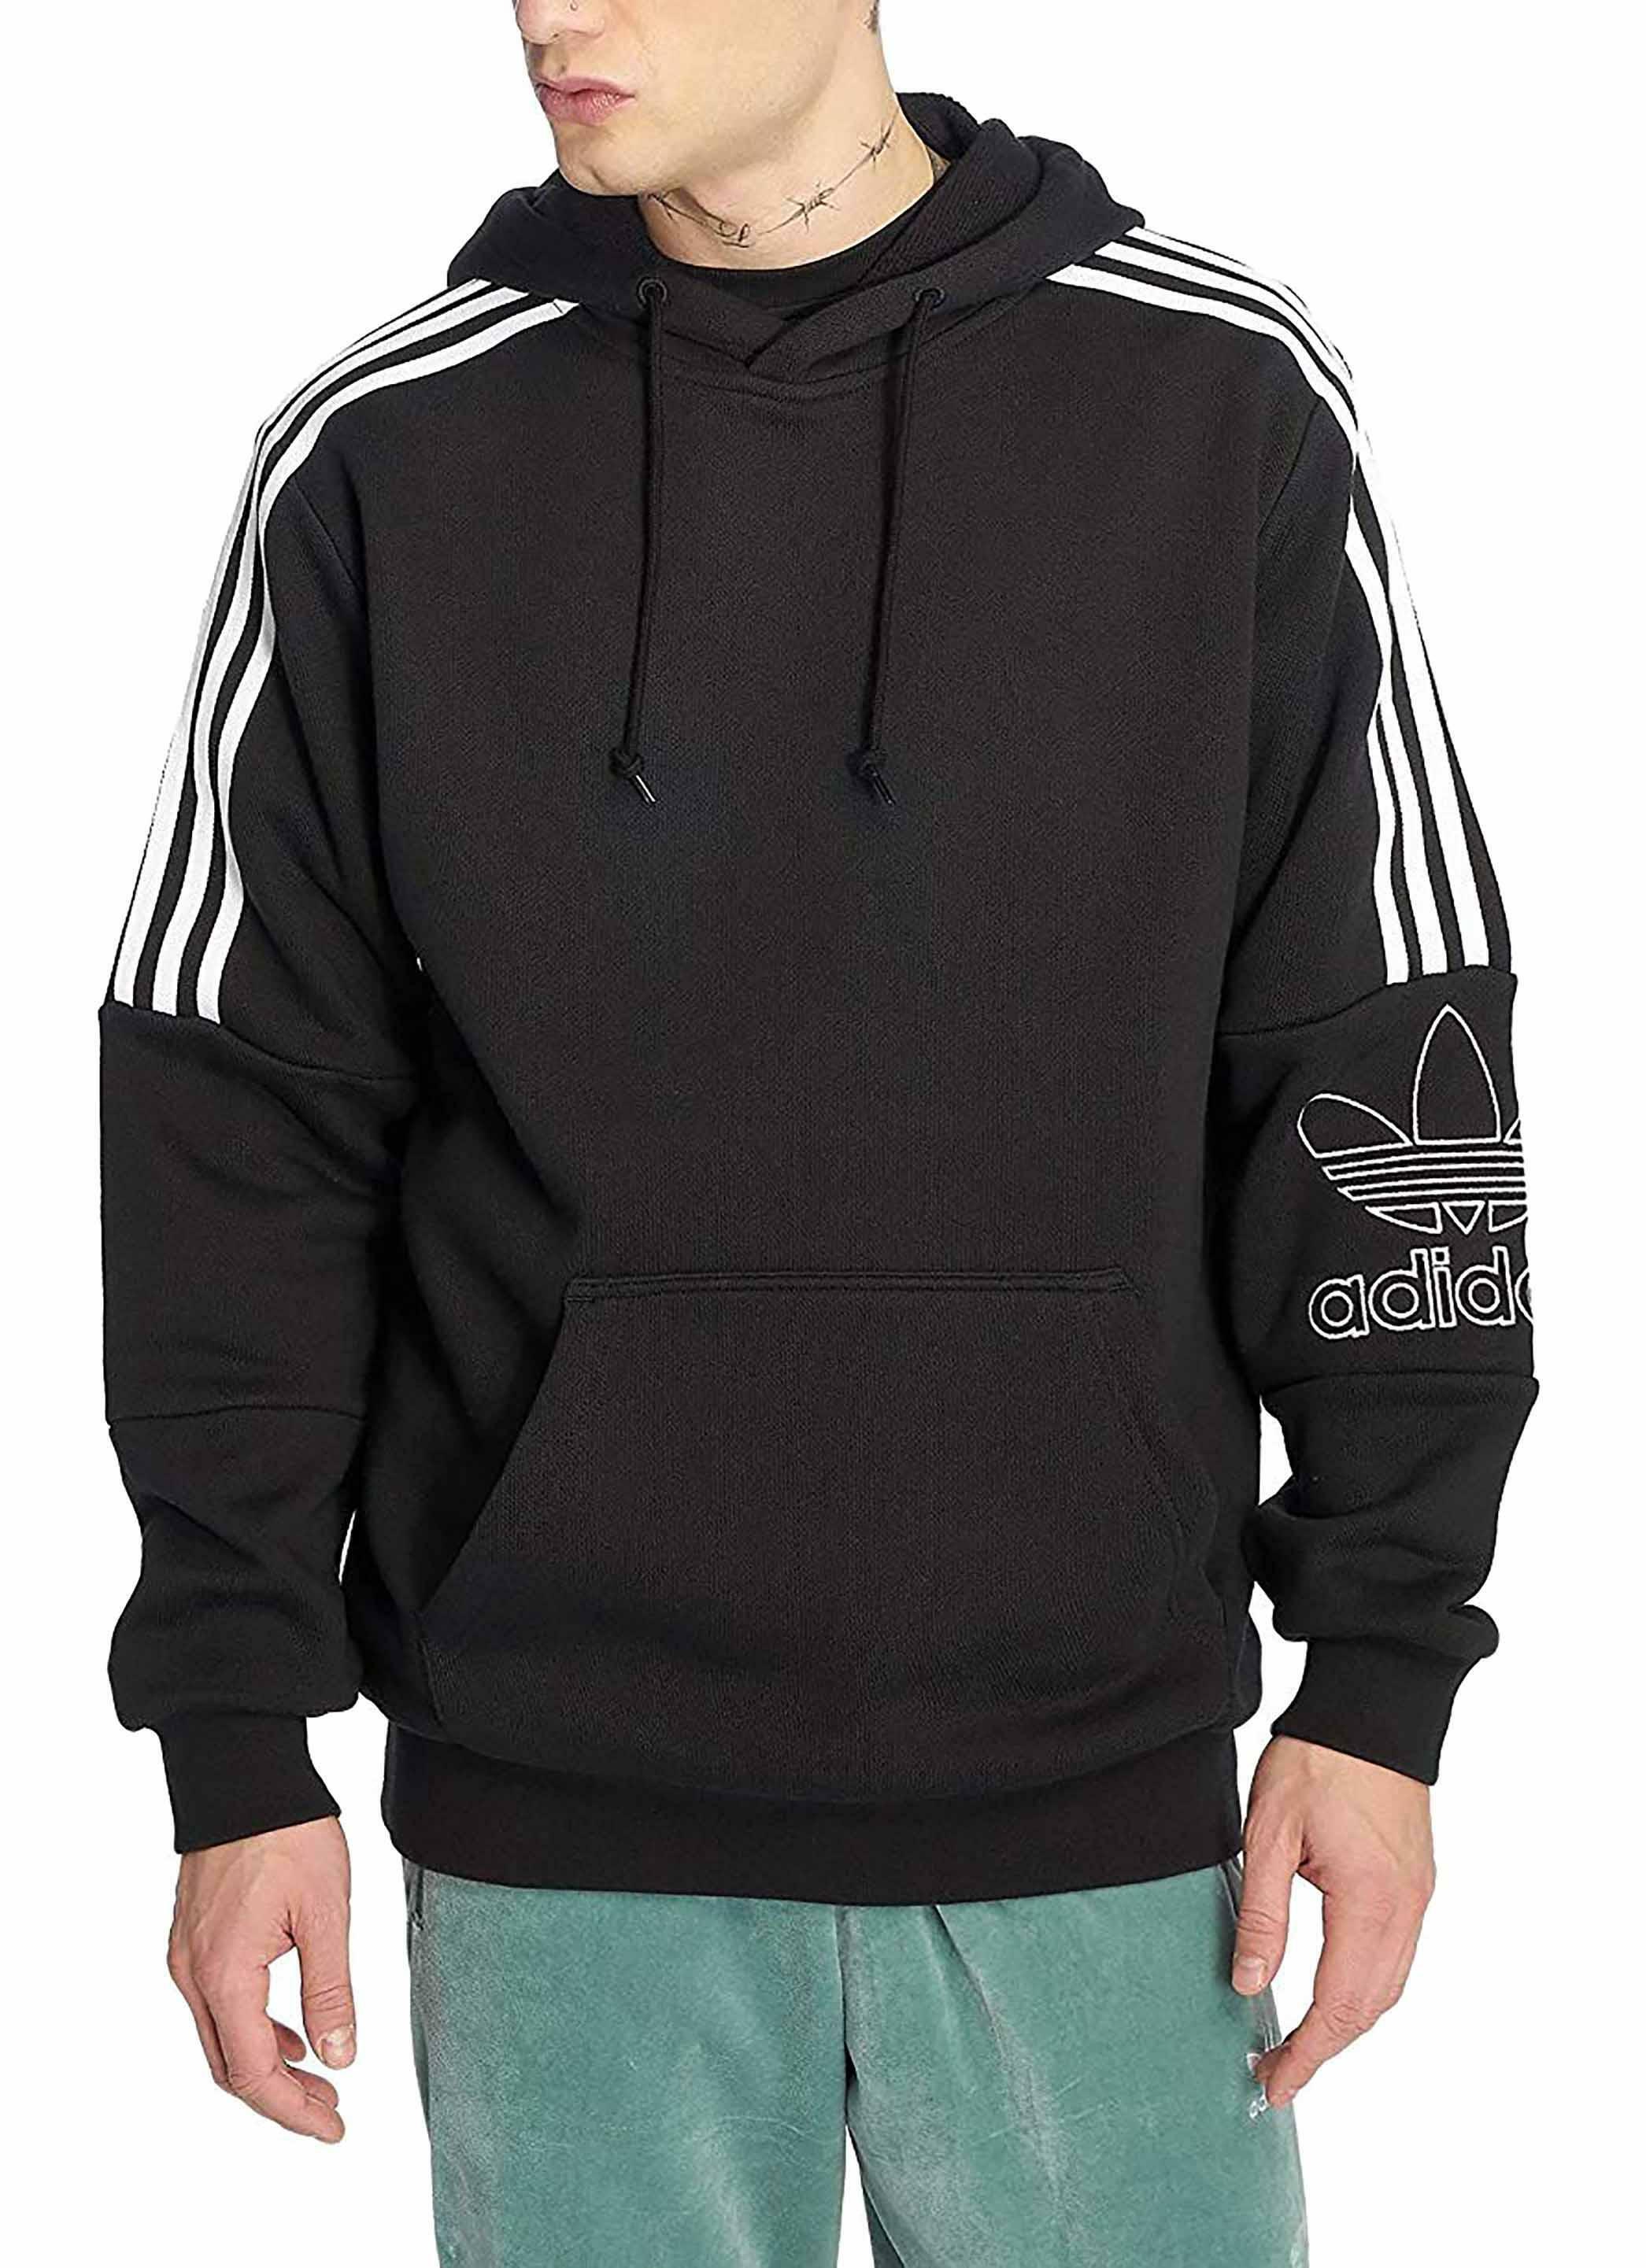 miglior servizio fee87 ccd43 Adidas outline felpa cappuccio uomo nera dx3850